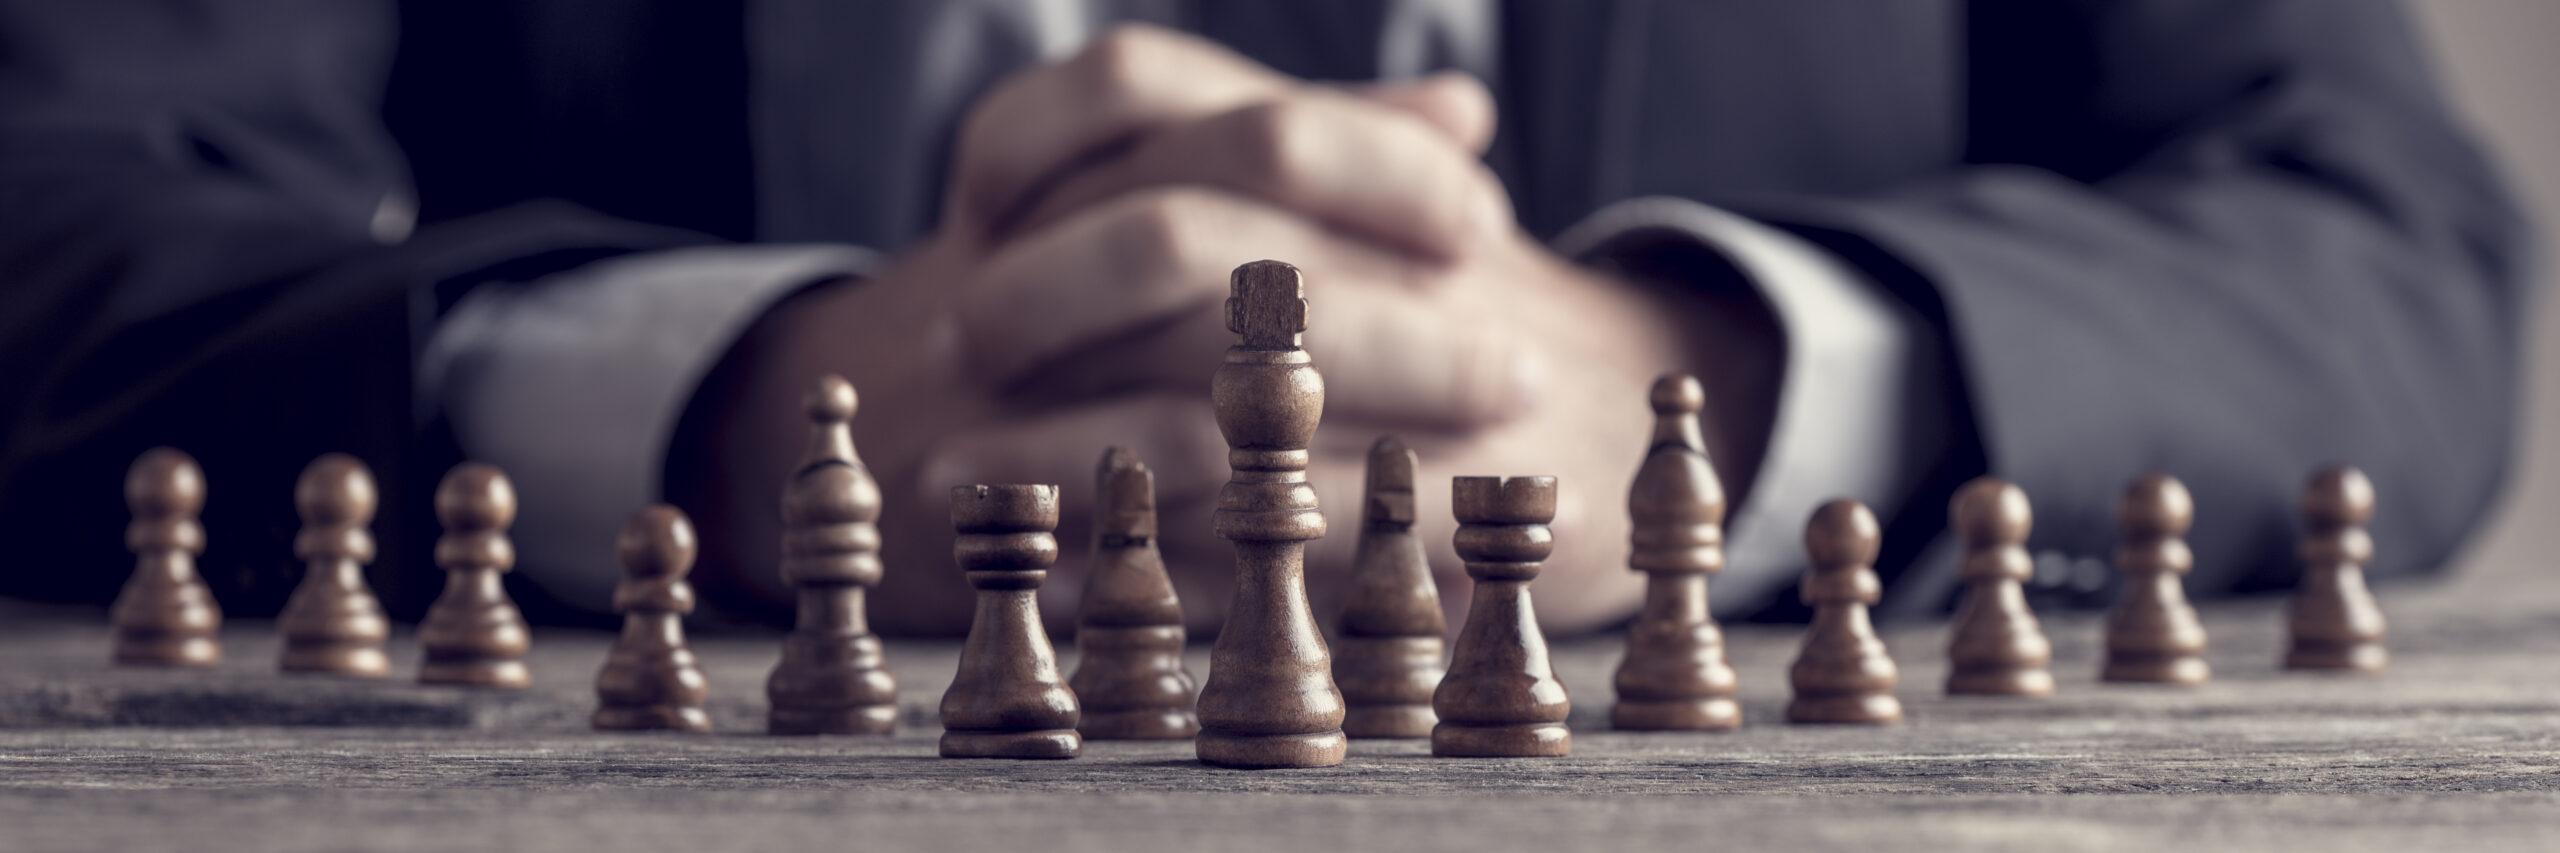 mãos juntas com os dedos entrelançando e várias peças de xadrez a frente